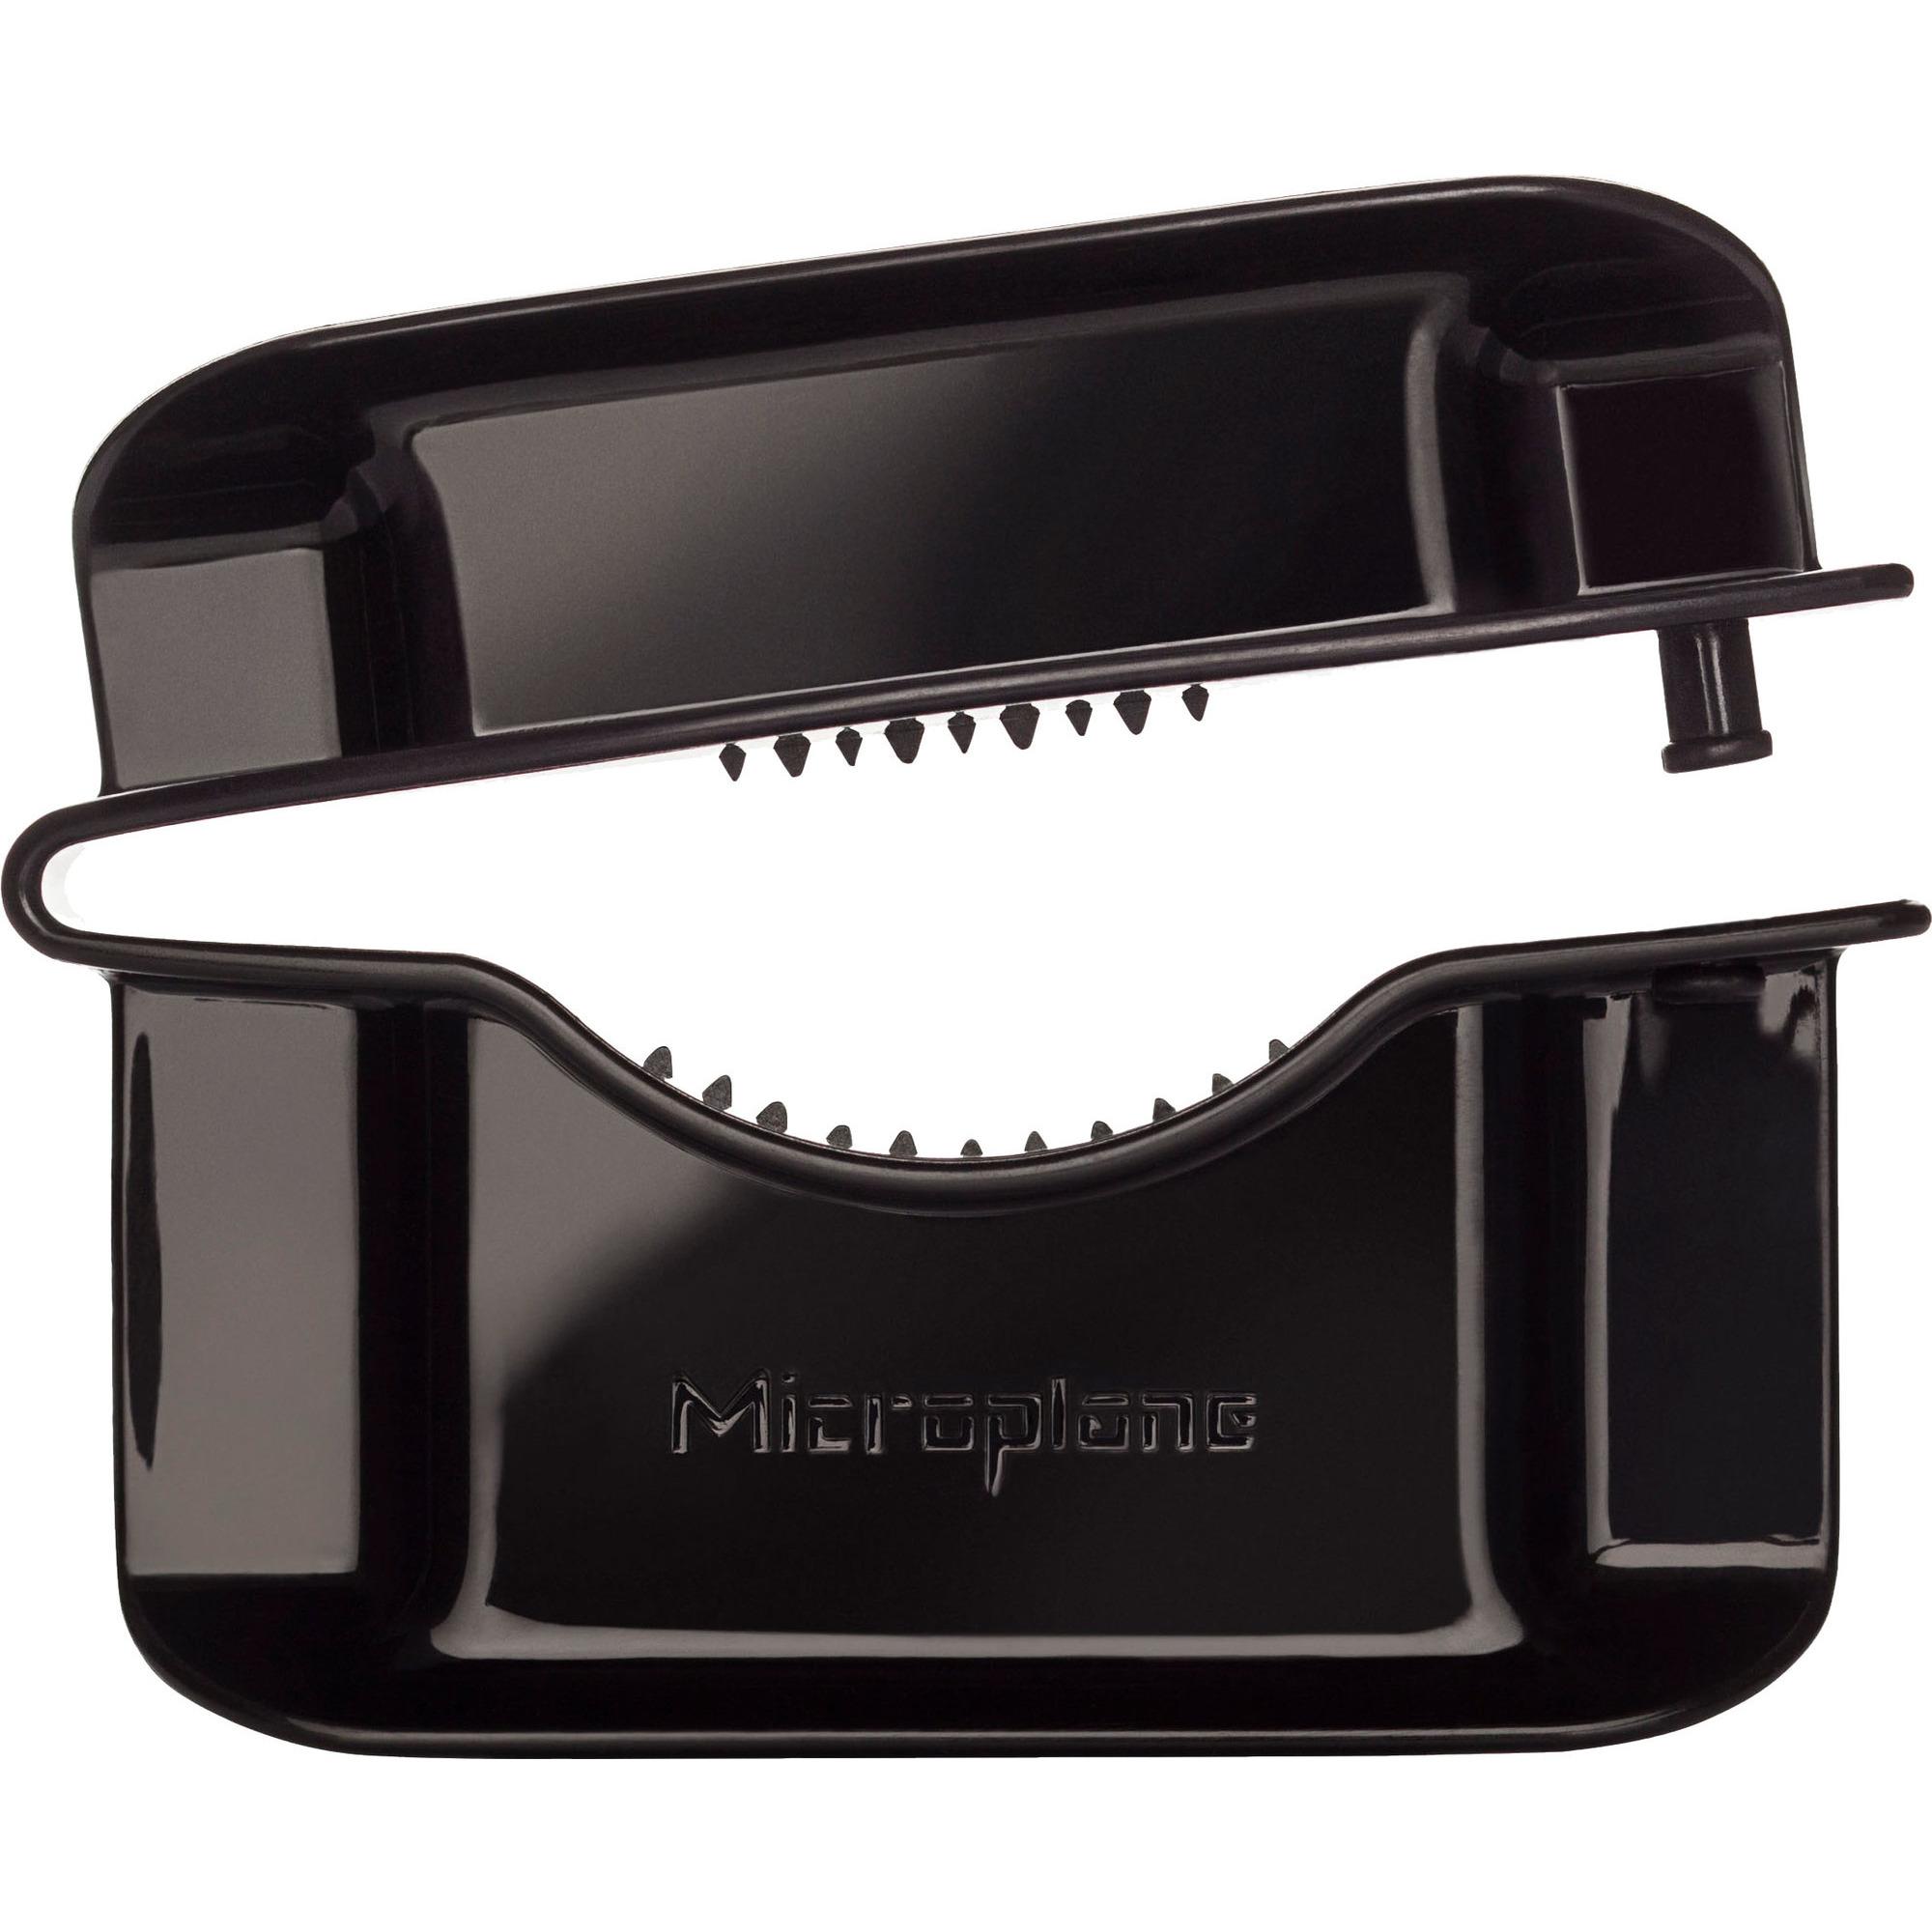 Microplane Gourmet Släde till Slicer 45044